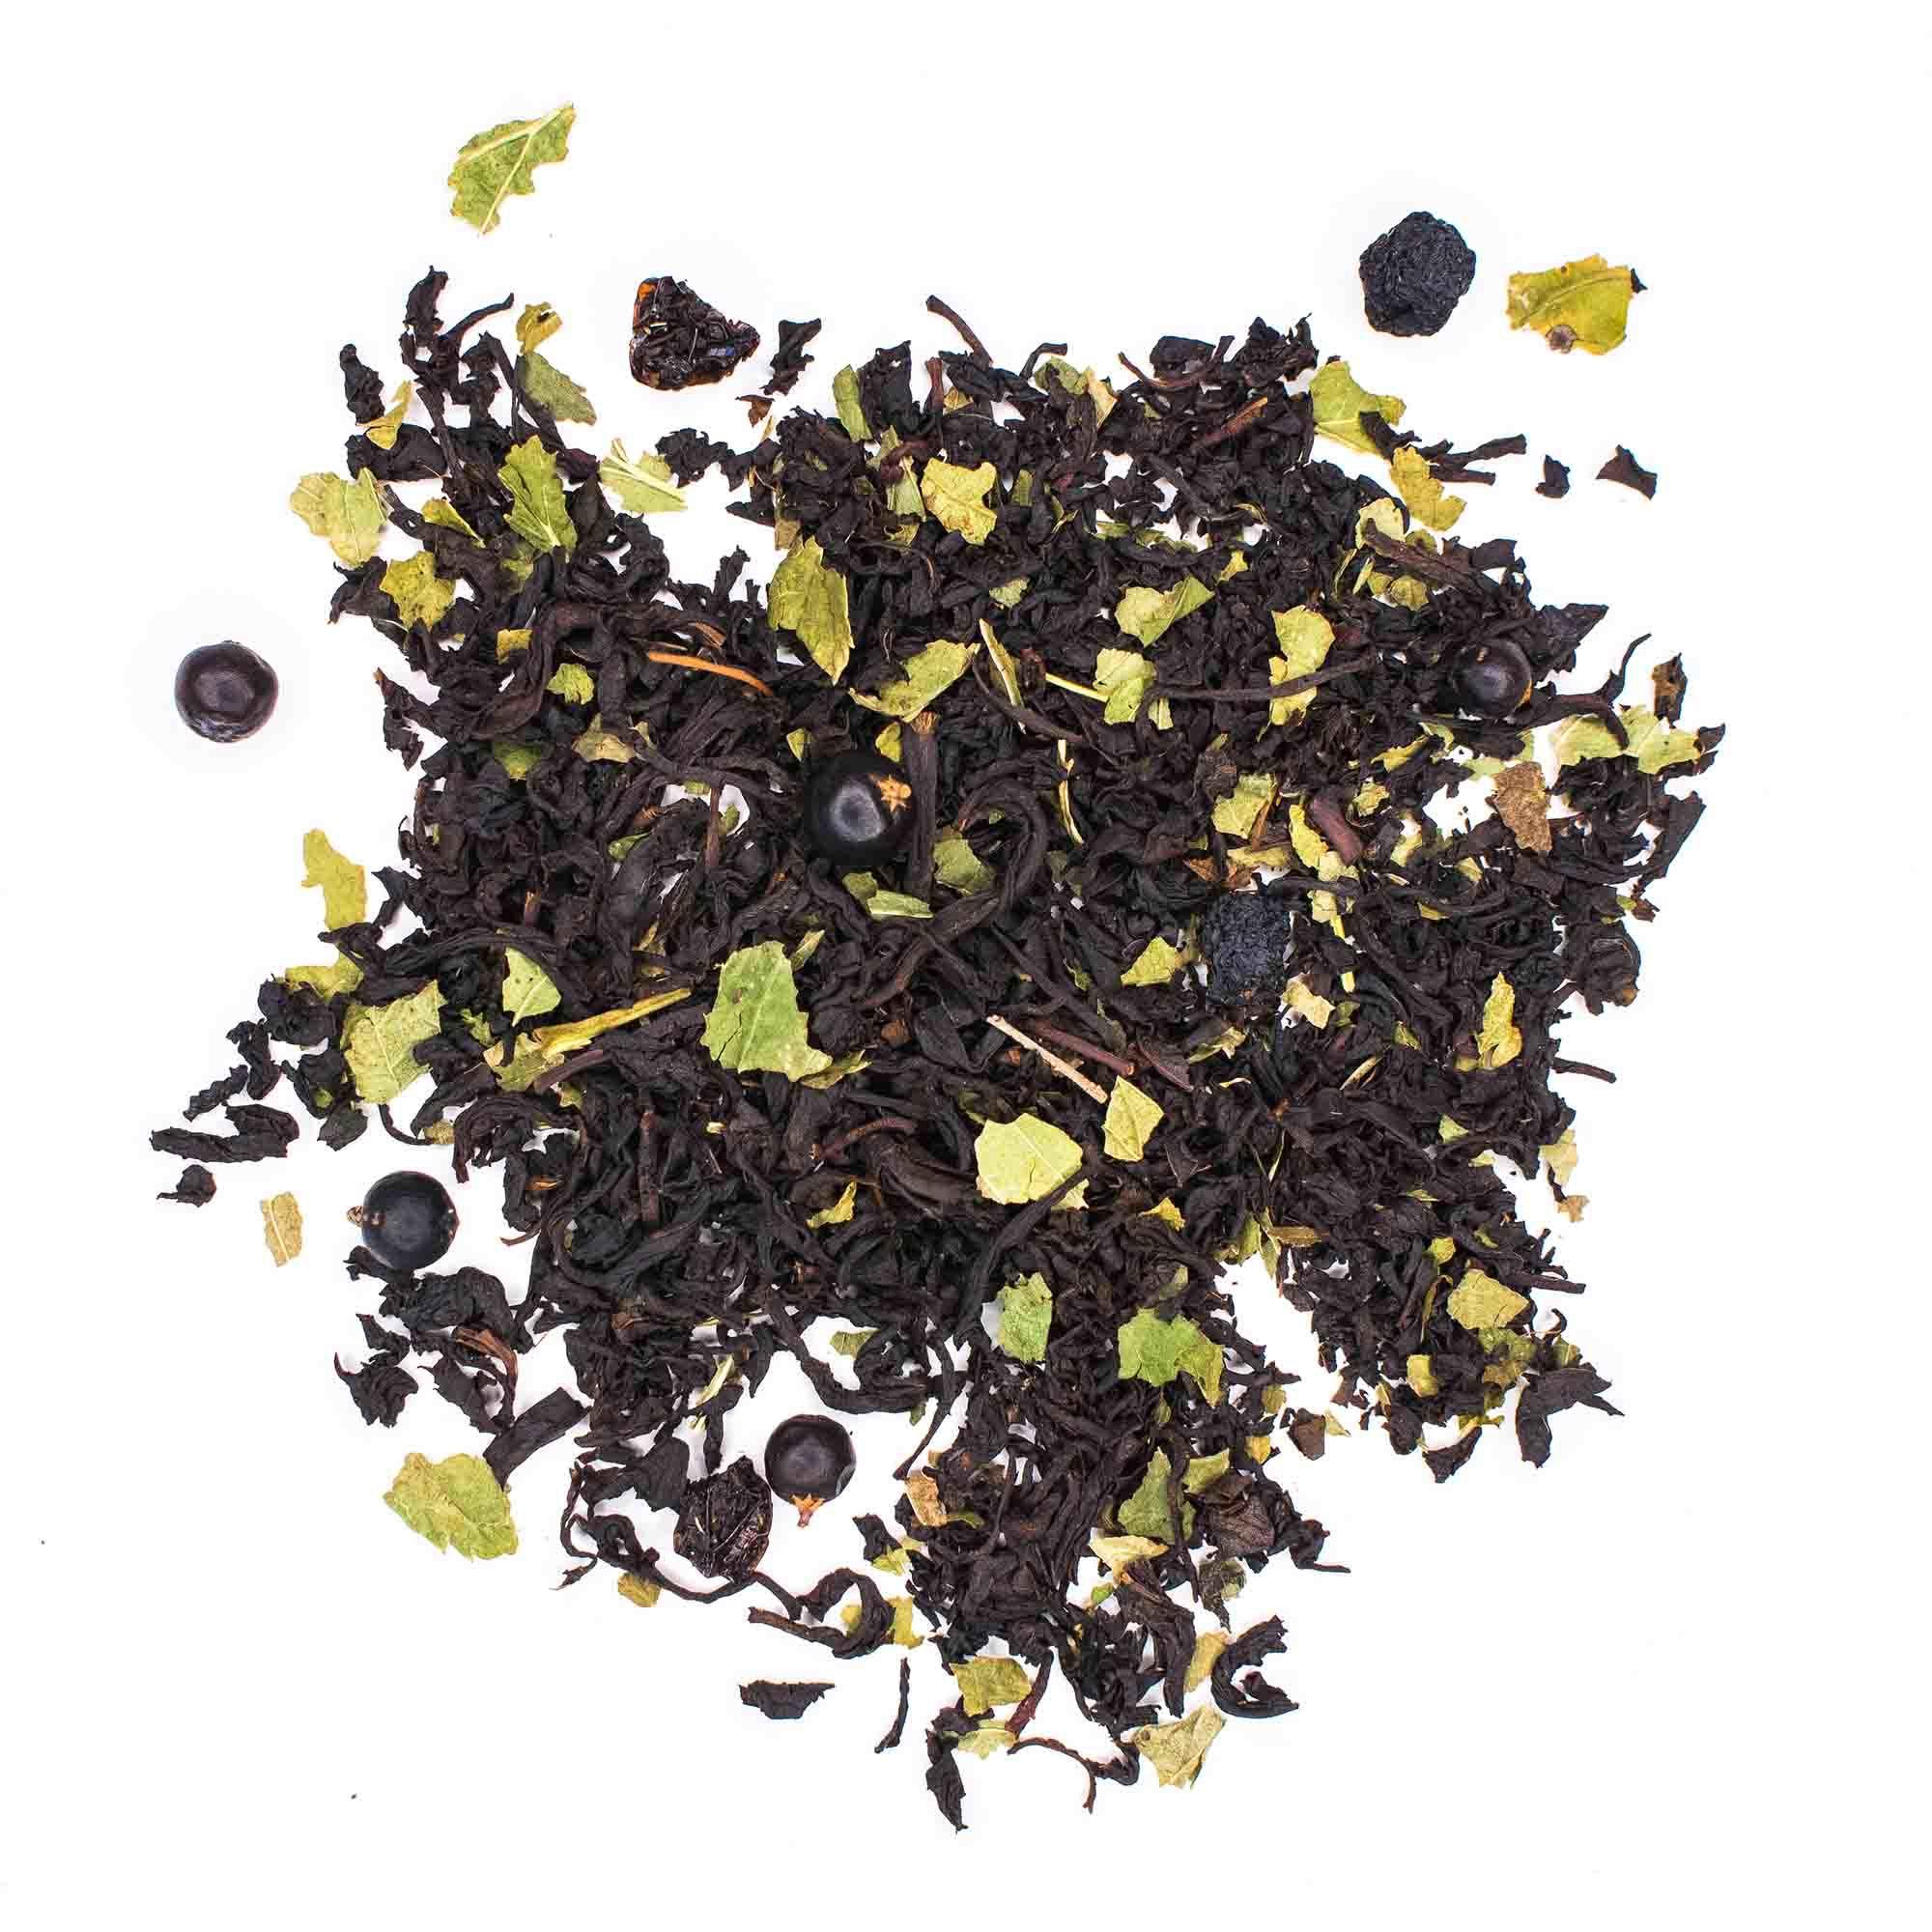 """Черный чай """"Чай черная смородина"""" 100гр, черный чай с добавками chaychernuismorodinairyabina-teastar.jpg.jpg"""